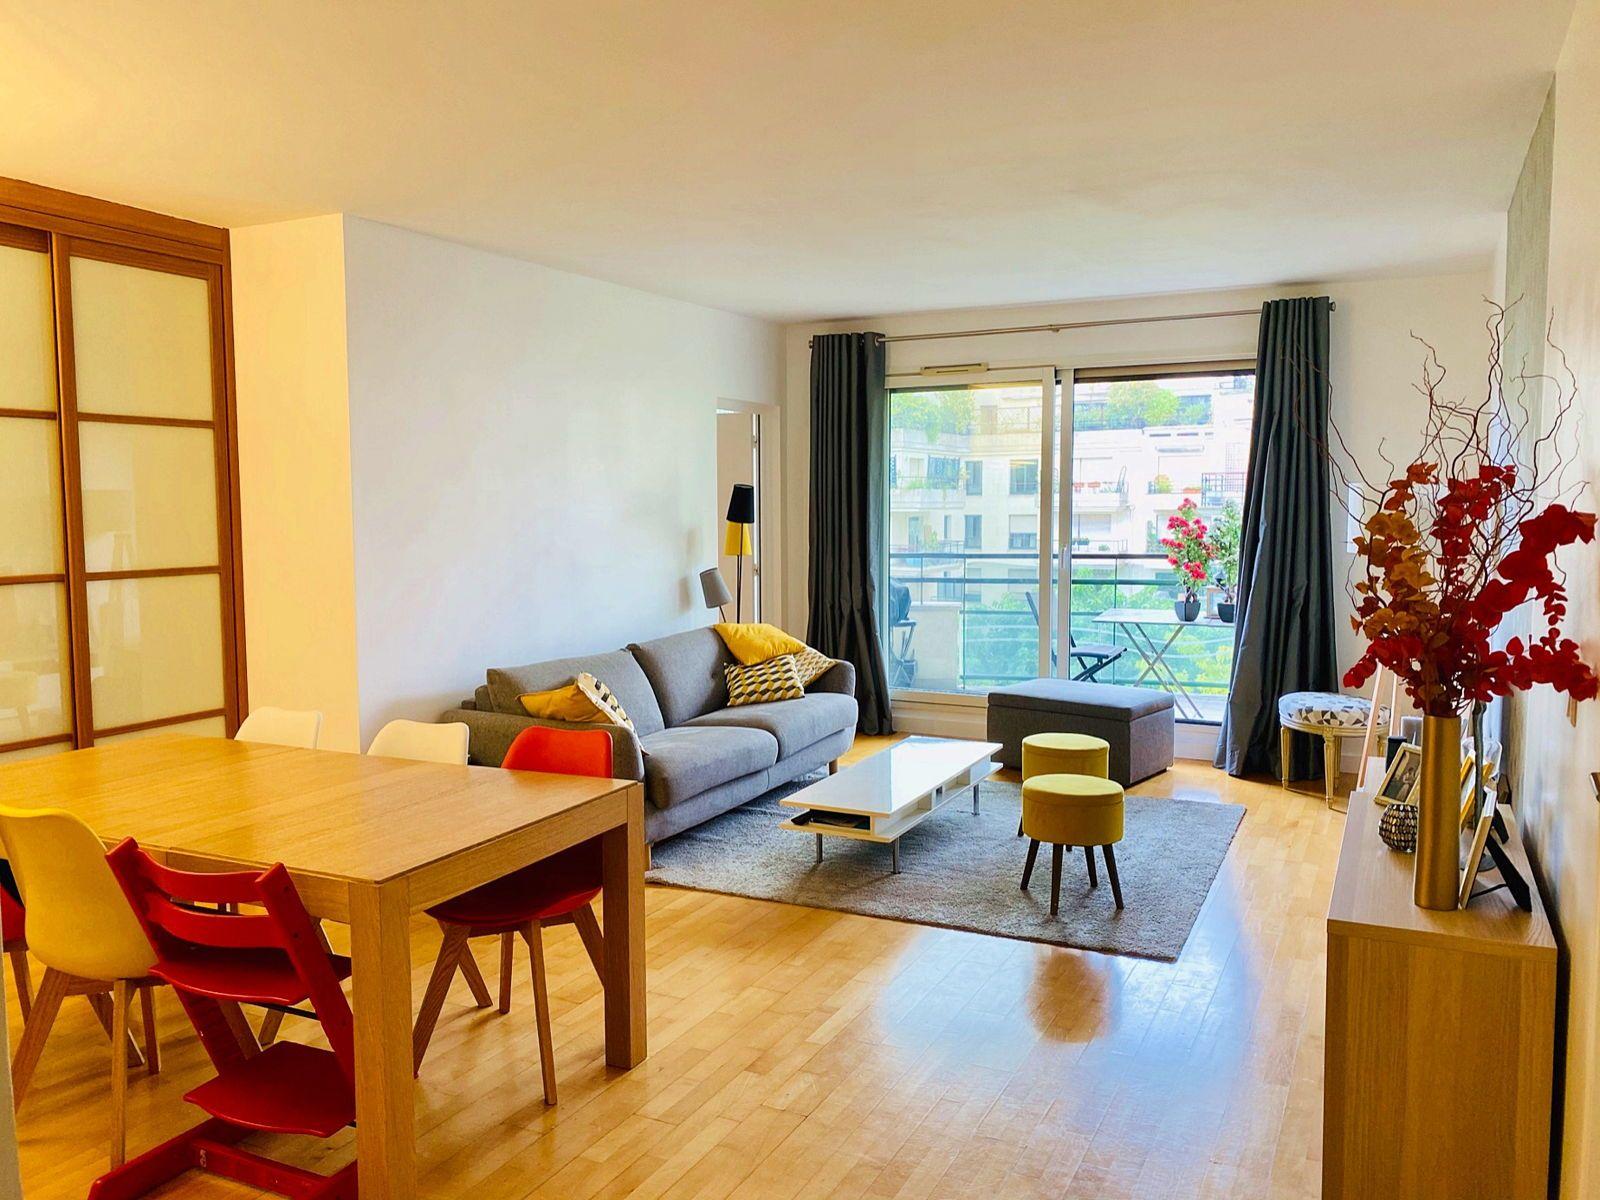 Vends appartement 4pièces, 3chambres 94m² à Levallois-Perret (92), calme absolu